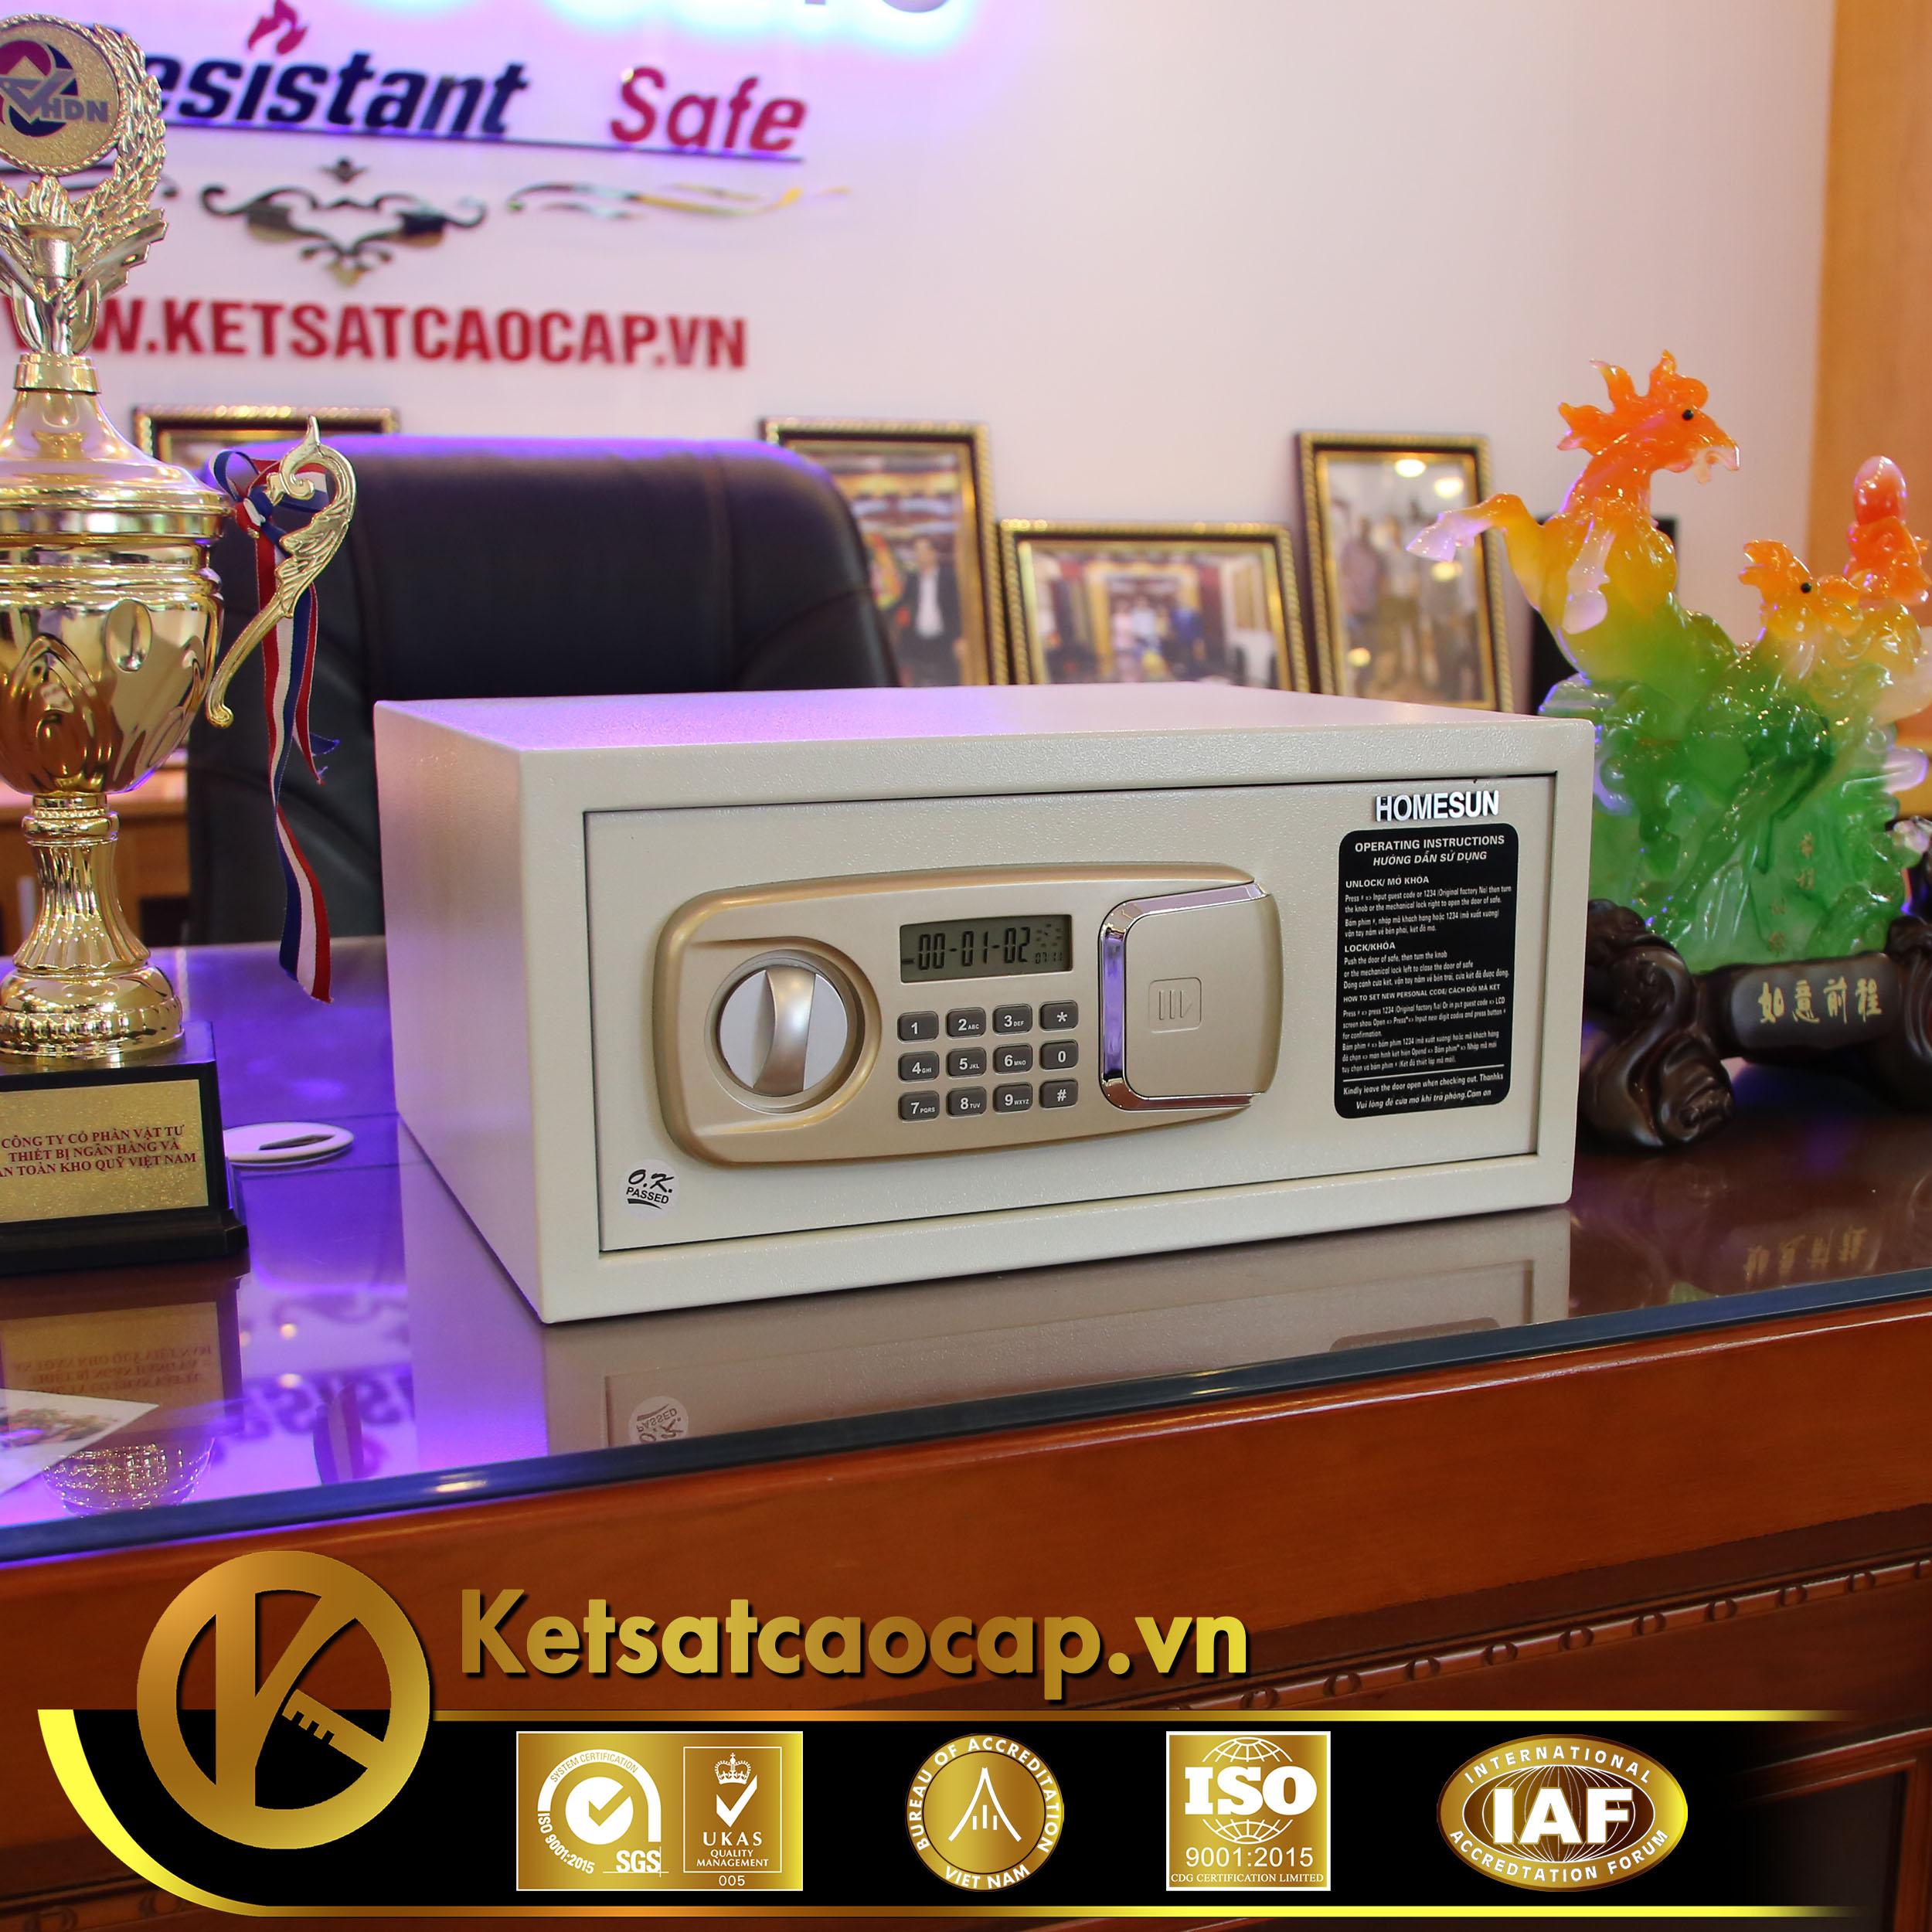 Két sắt khách sạn KS38-GOLD-PNT